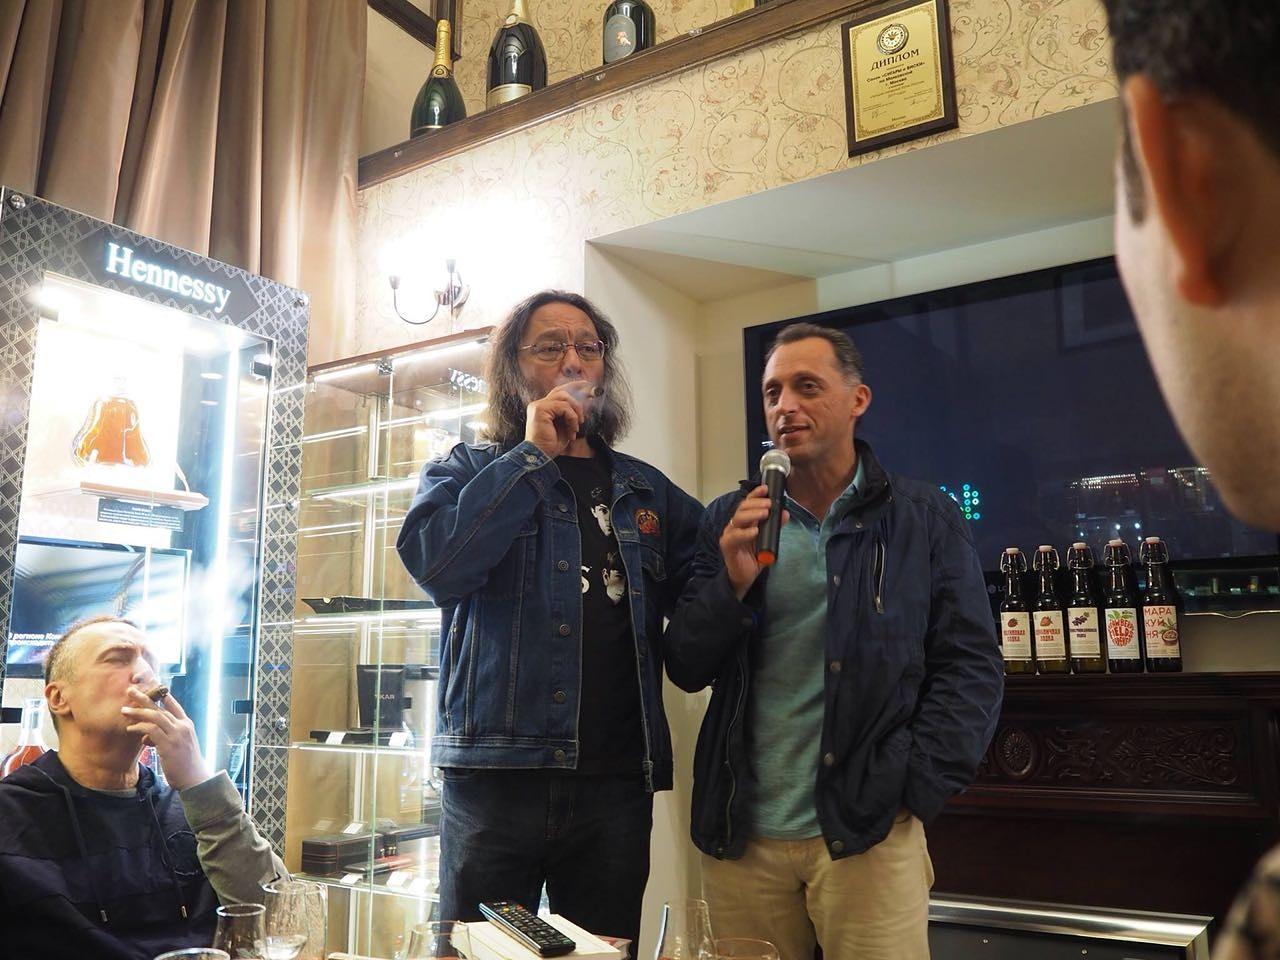 безусловно главный эксперт в России по крепкому алкоголю Эркин Тузмухамедов  в гостях в салоне СИГАРЫ И ВИСКИ